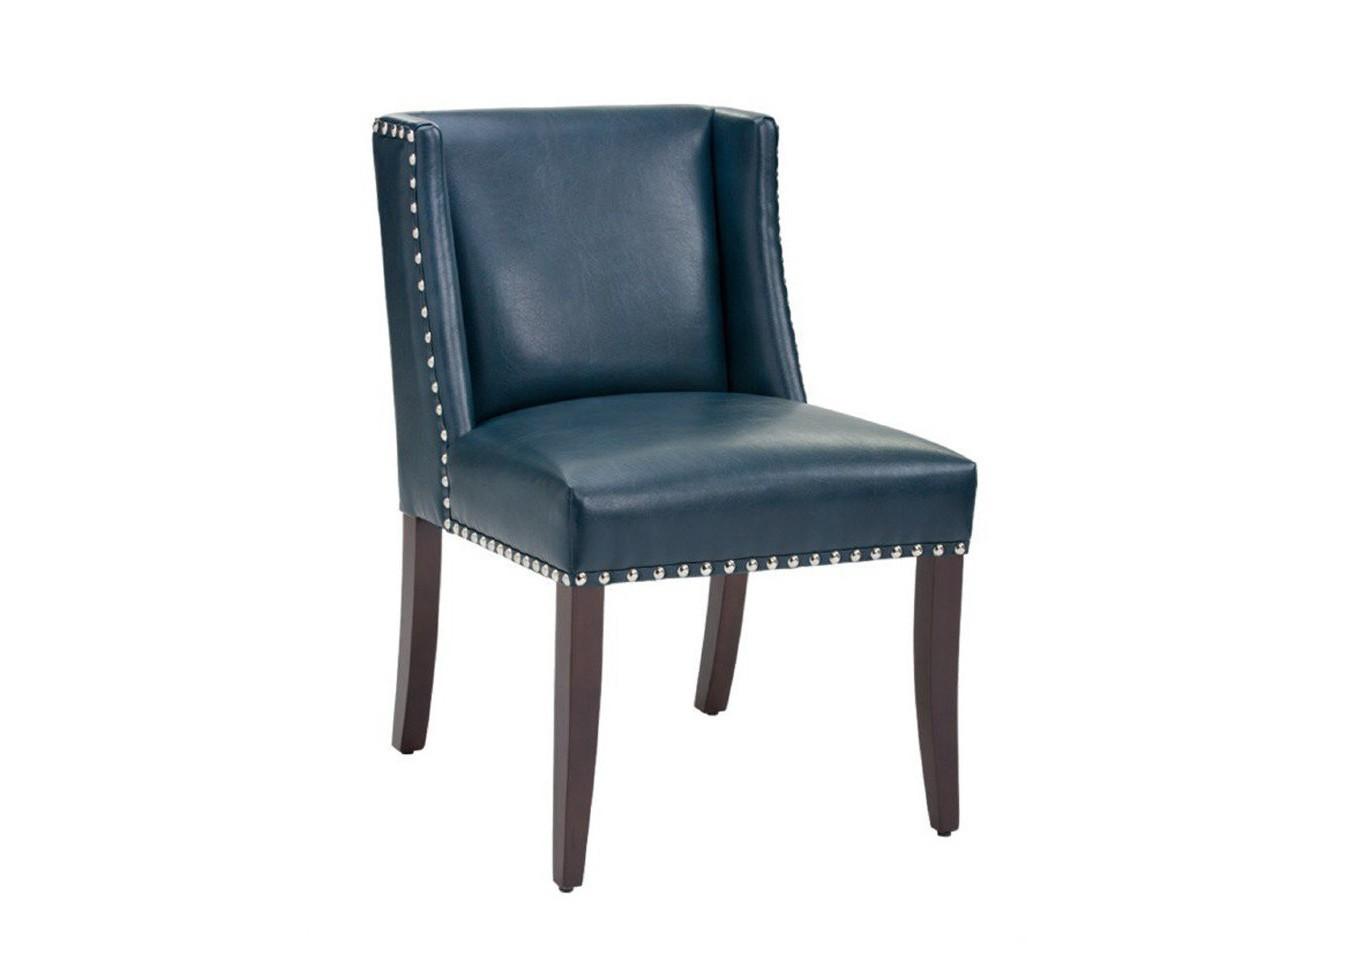 Стул TraitorОбеденные стулья<br>Модель представлена в коже высочайшего качества. Для этого стула мы также можем подобрать кожу на Ваш вкус из других коллекций.&amp;amp;nbsp;&amp;lt;div&amp;gt;&amp;lt;br&amp;gt;&amp;lt;div&amp;gt;Каркас и ножки стула выполнены из дуба.&amp;lt;/div&amp;gt;&amp;lt;/div&amp;gt;<br><br>Material: Кожа<br>Ширина см: 53<br>Высота см: 83<br>Глубина см: 52